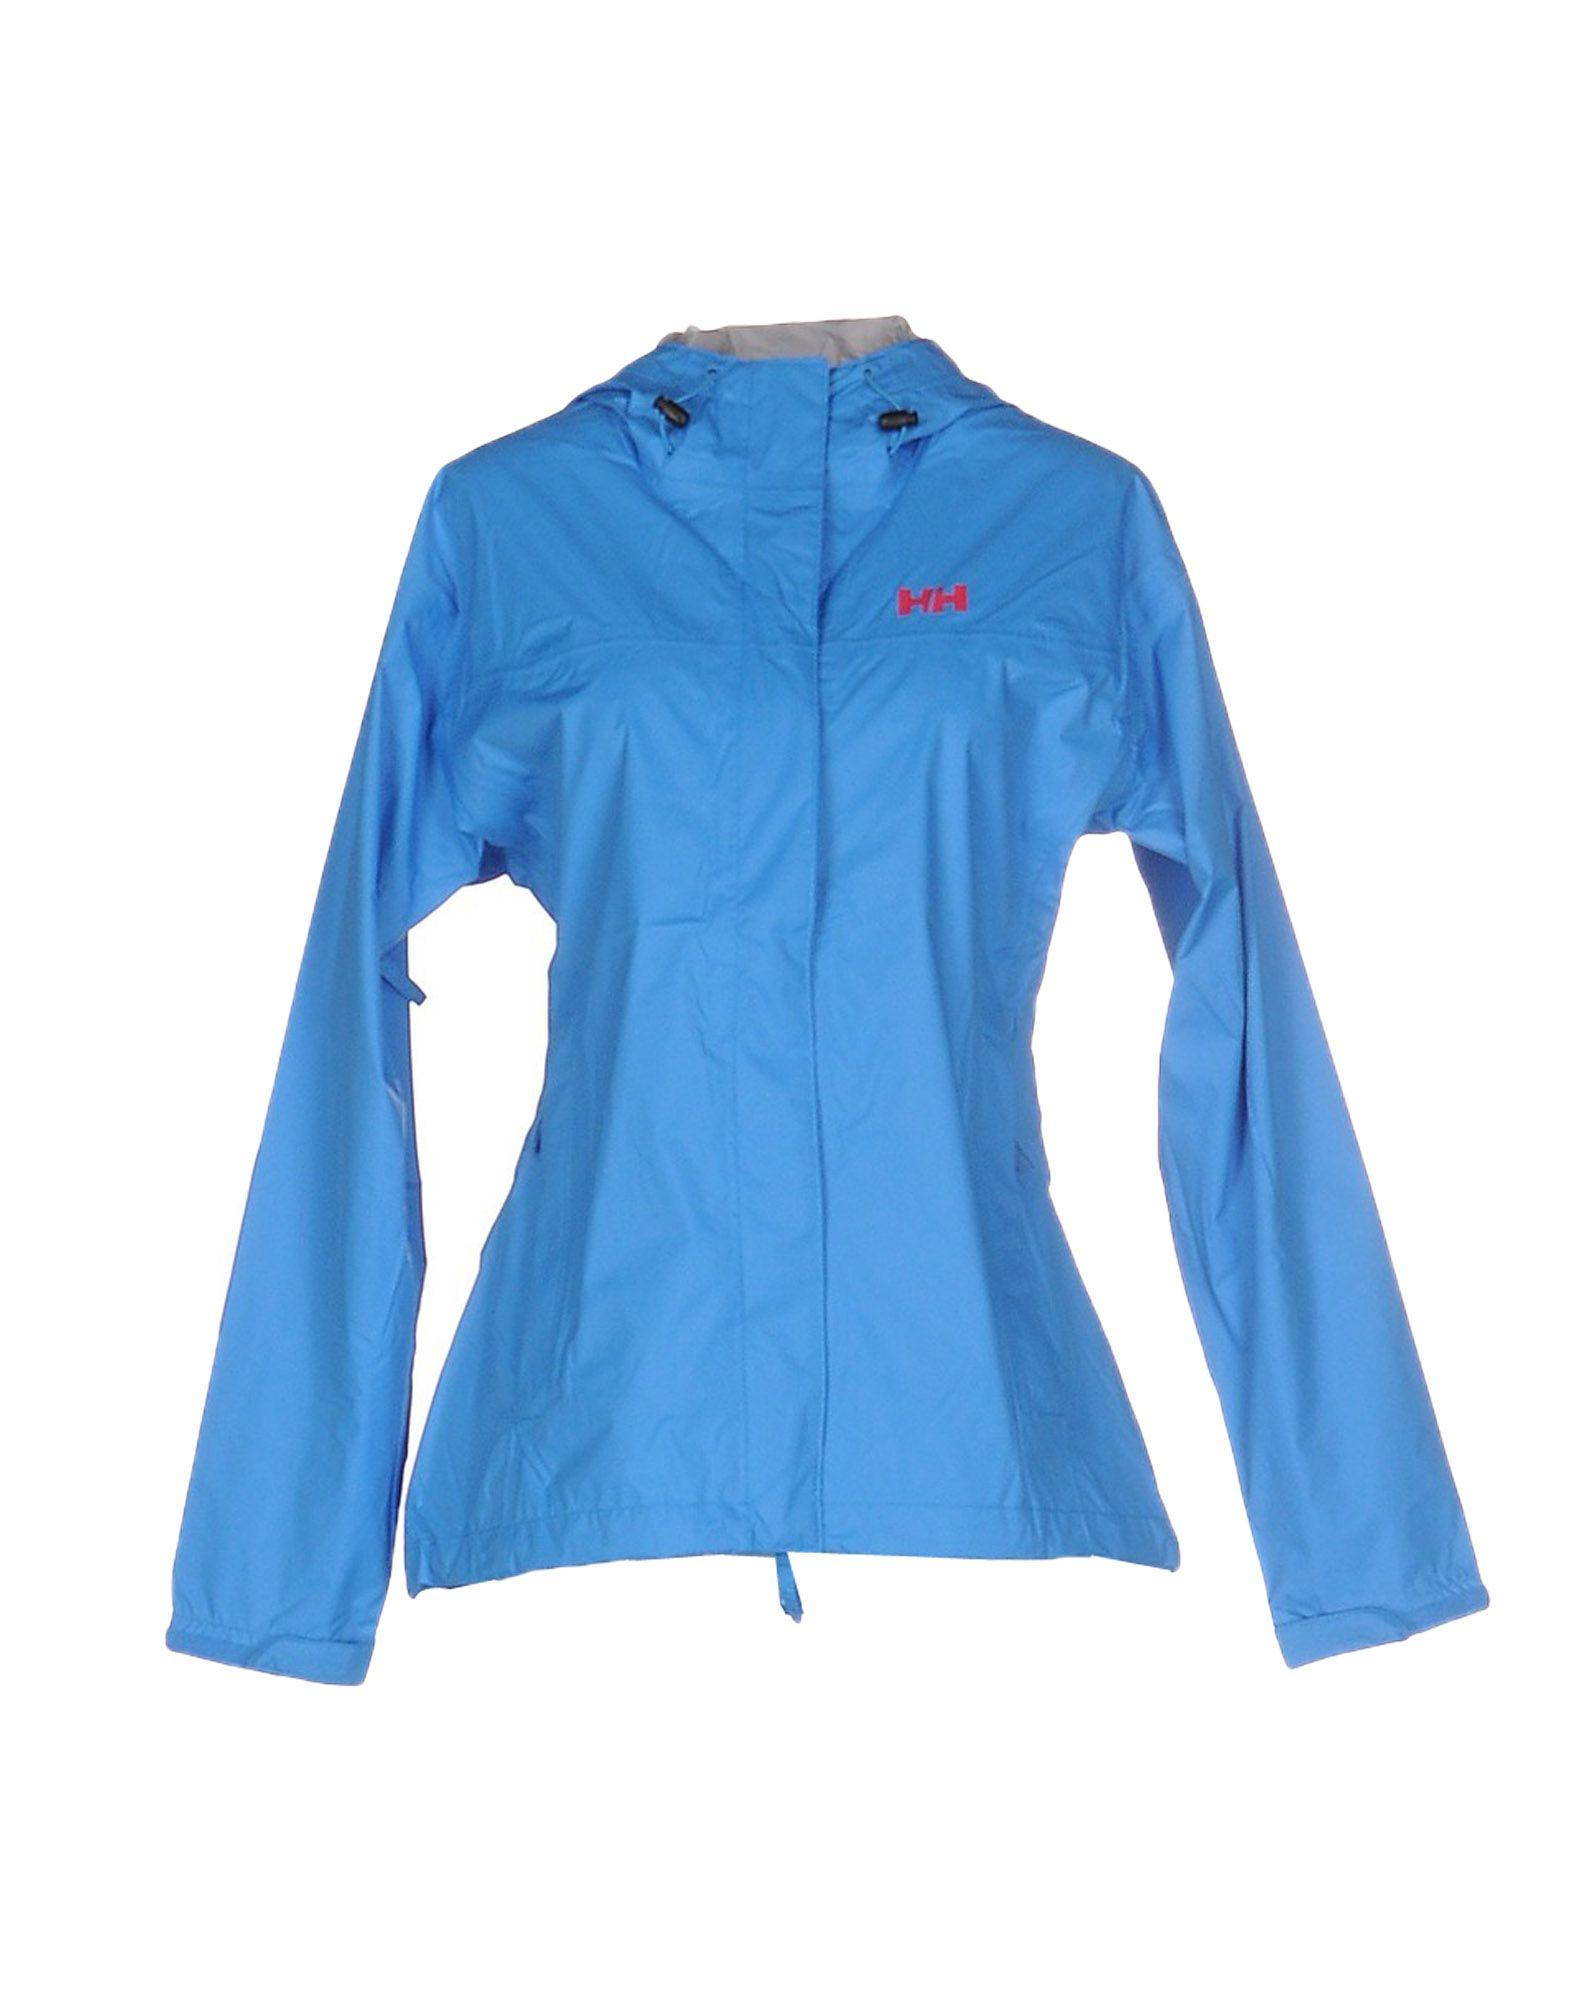 Jackets in Azure